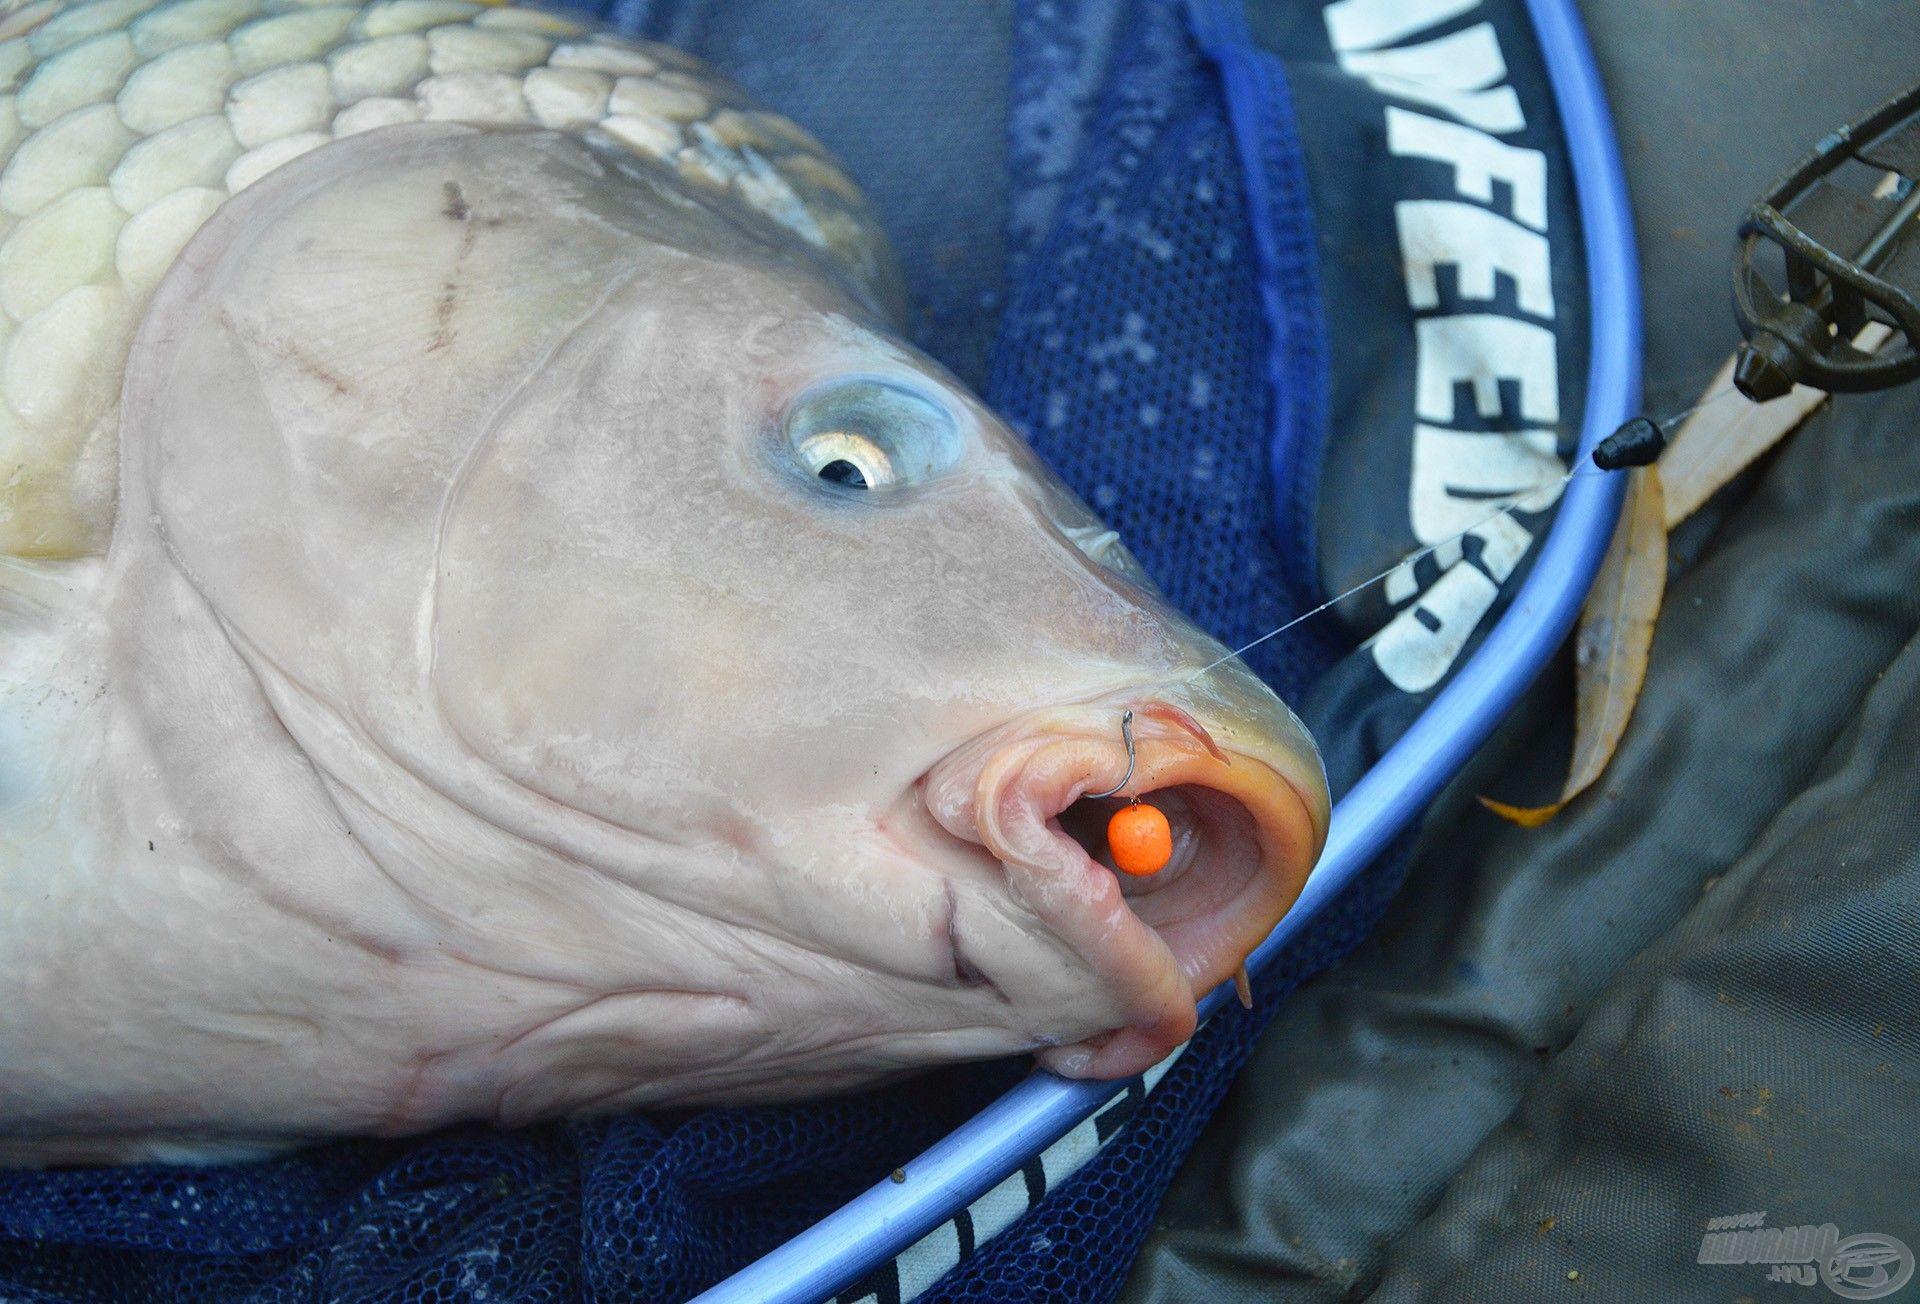 Vékony monofil előkével is lehet nagy halakat fogni, ha a végszerelék és a felszerelés összhangban van